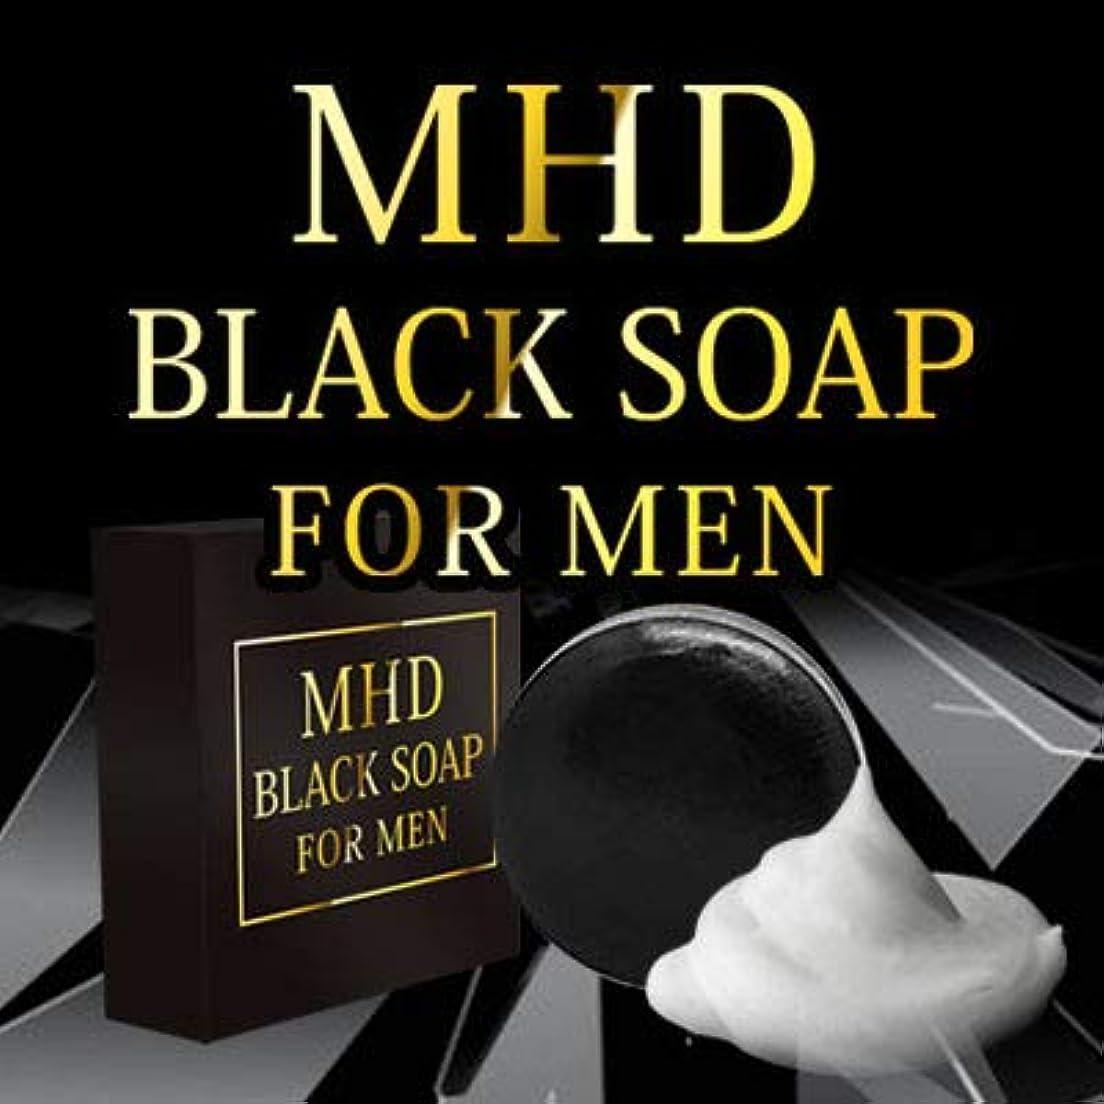 親のみ範囲MHD石鹸(BLACK SOAP FOR MEN) メンズ用全身ソープ